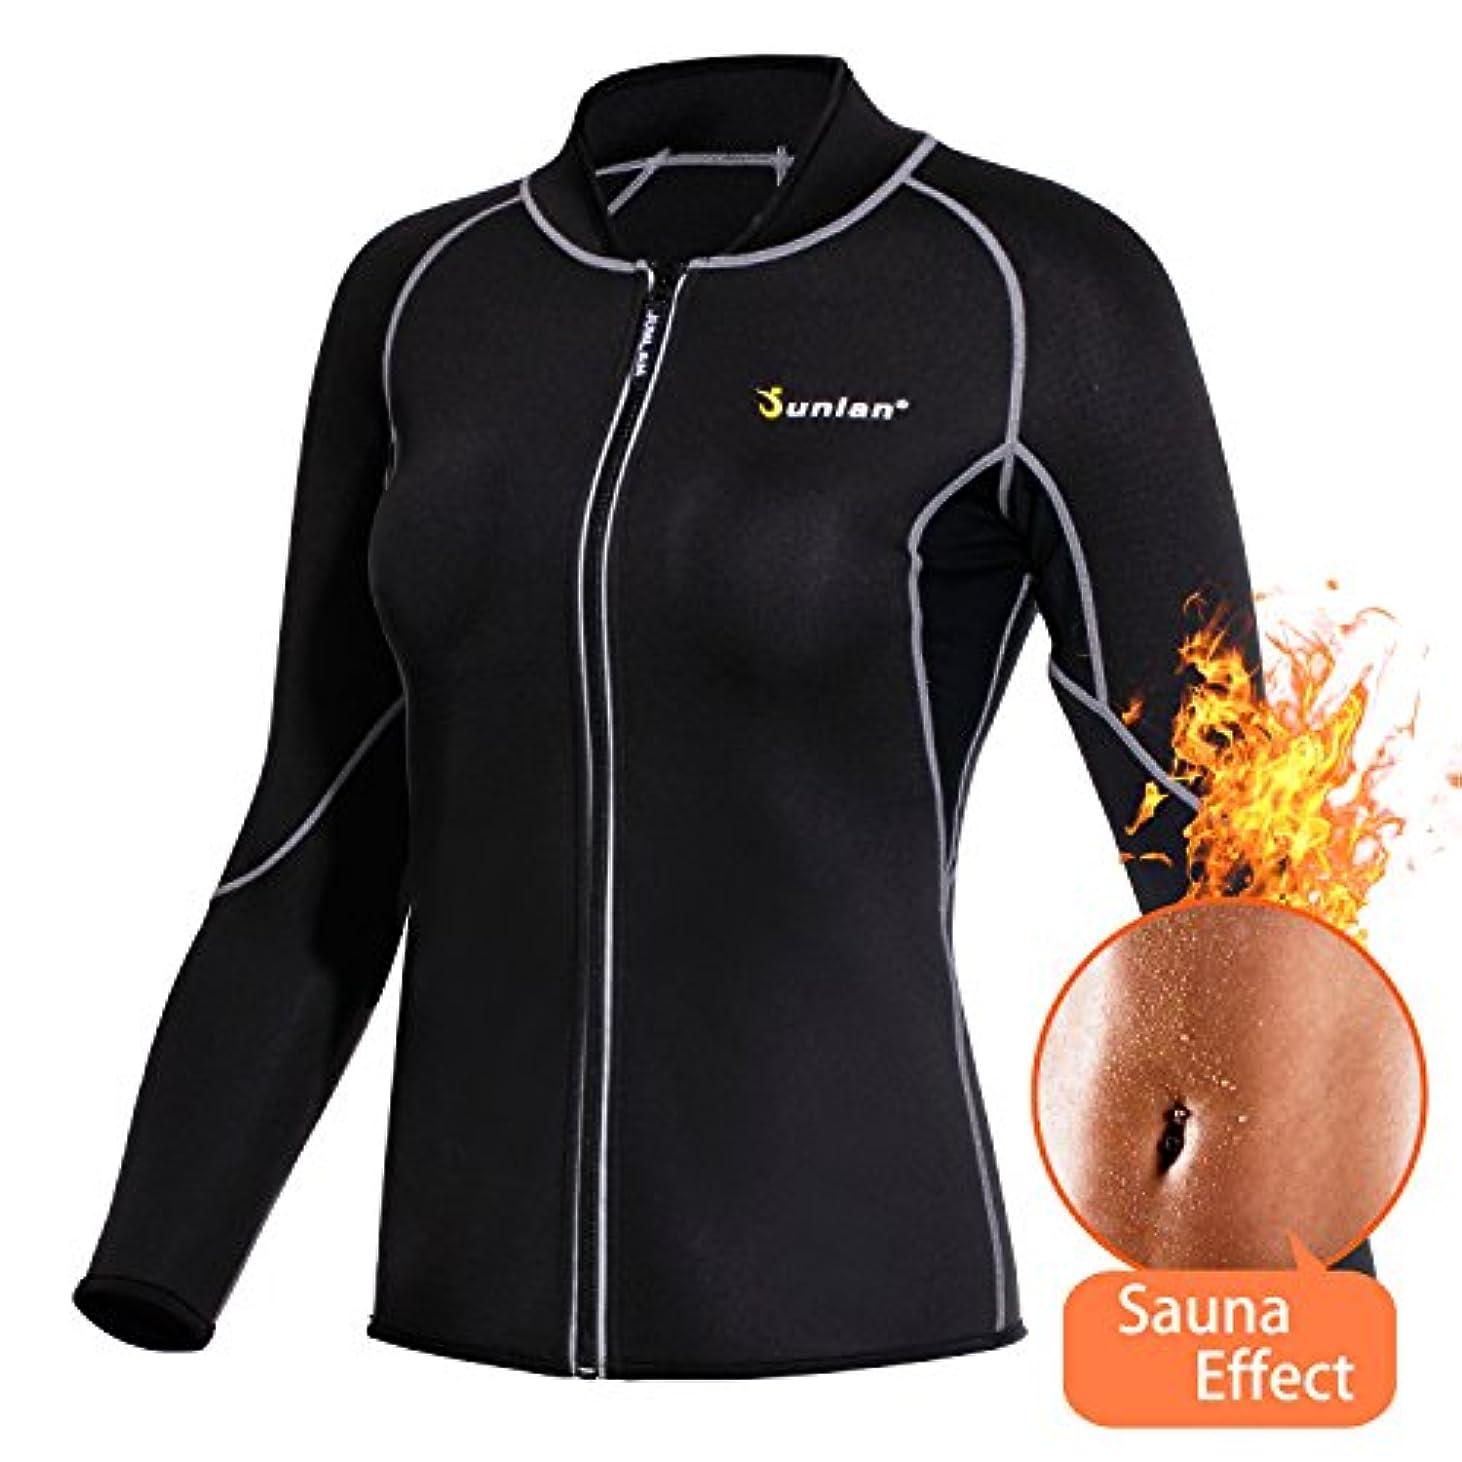 牧草地原始的な無駄なレディースホット汗重量損失シャツネオプレンボディシェイパーサウナジャケットスーツワークアウトロングトレーニング服Fat Burner Top